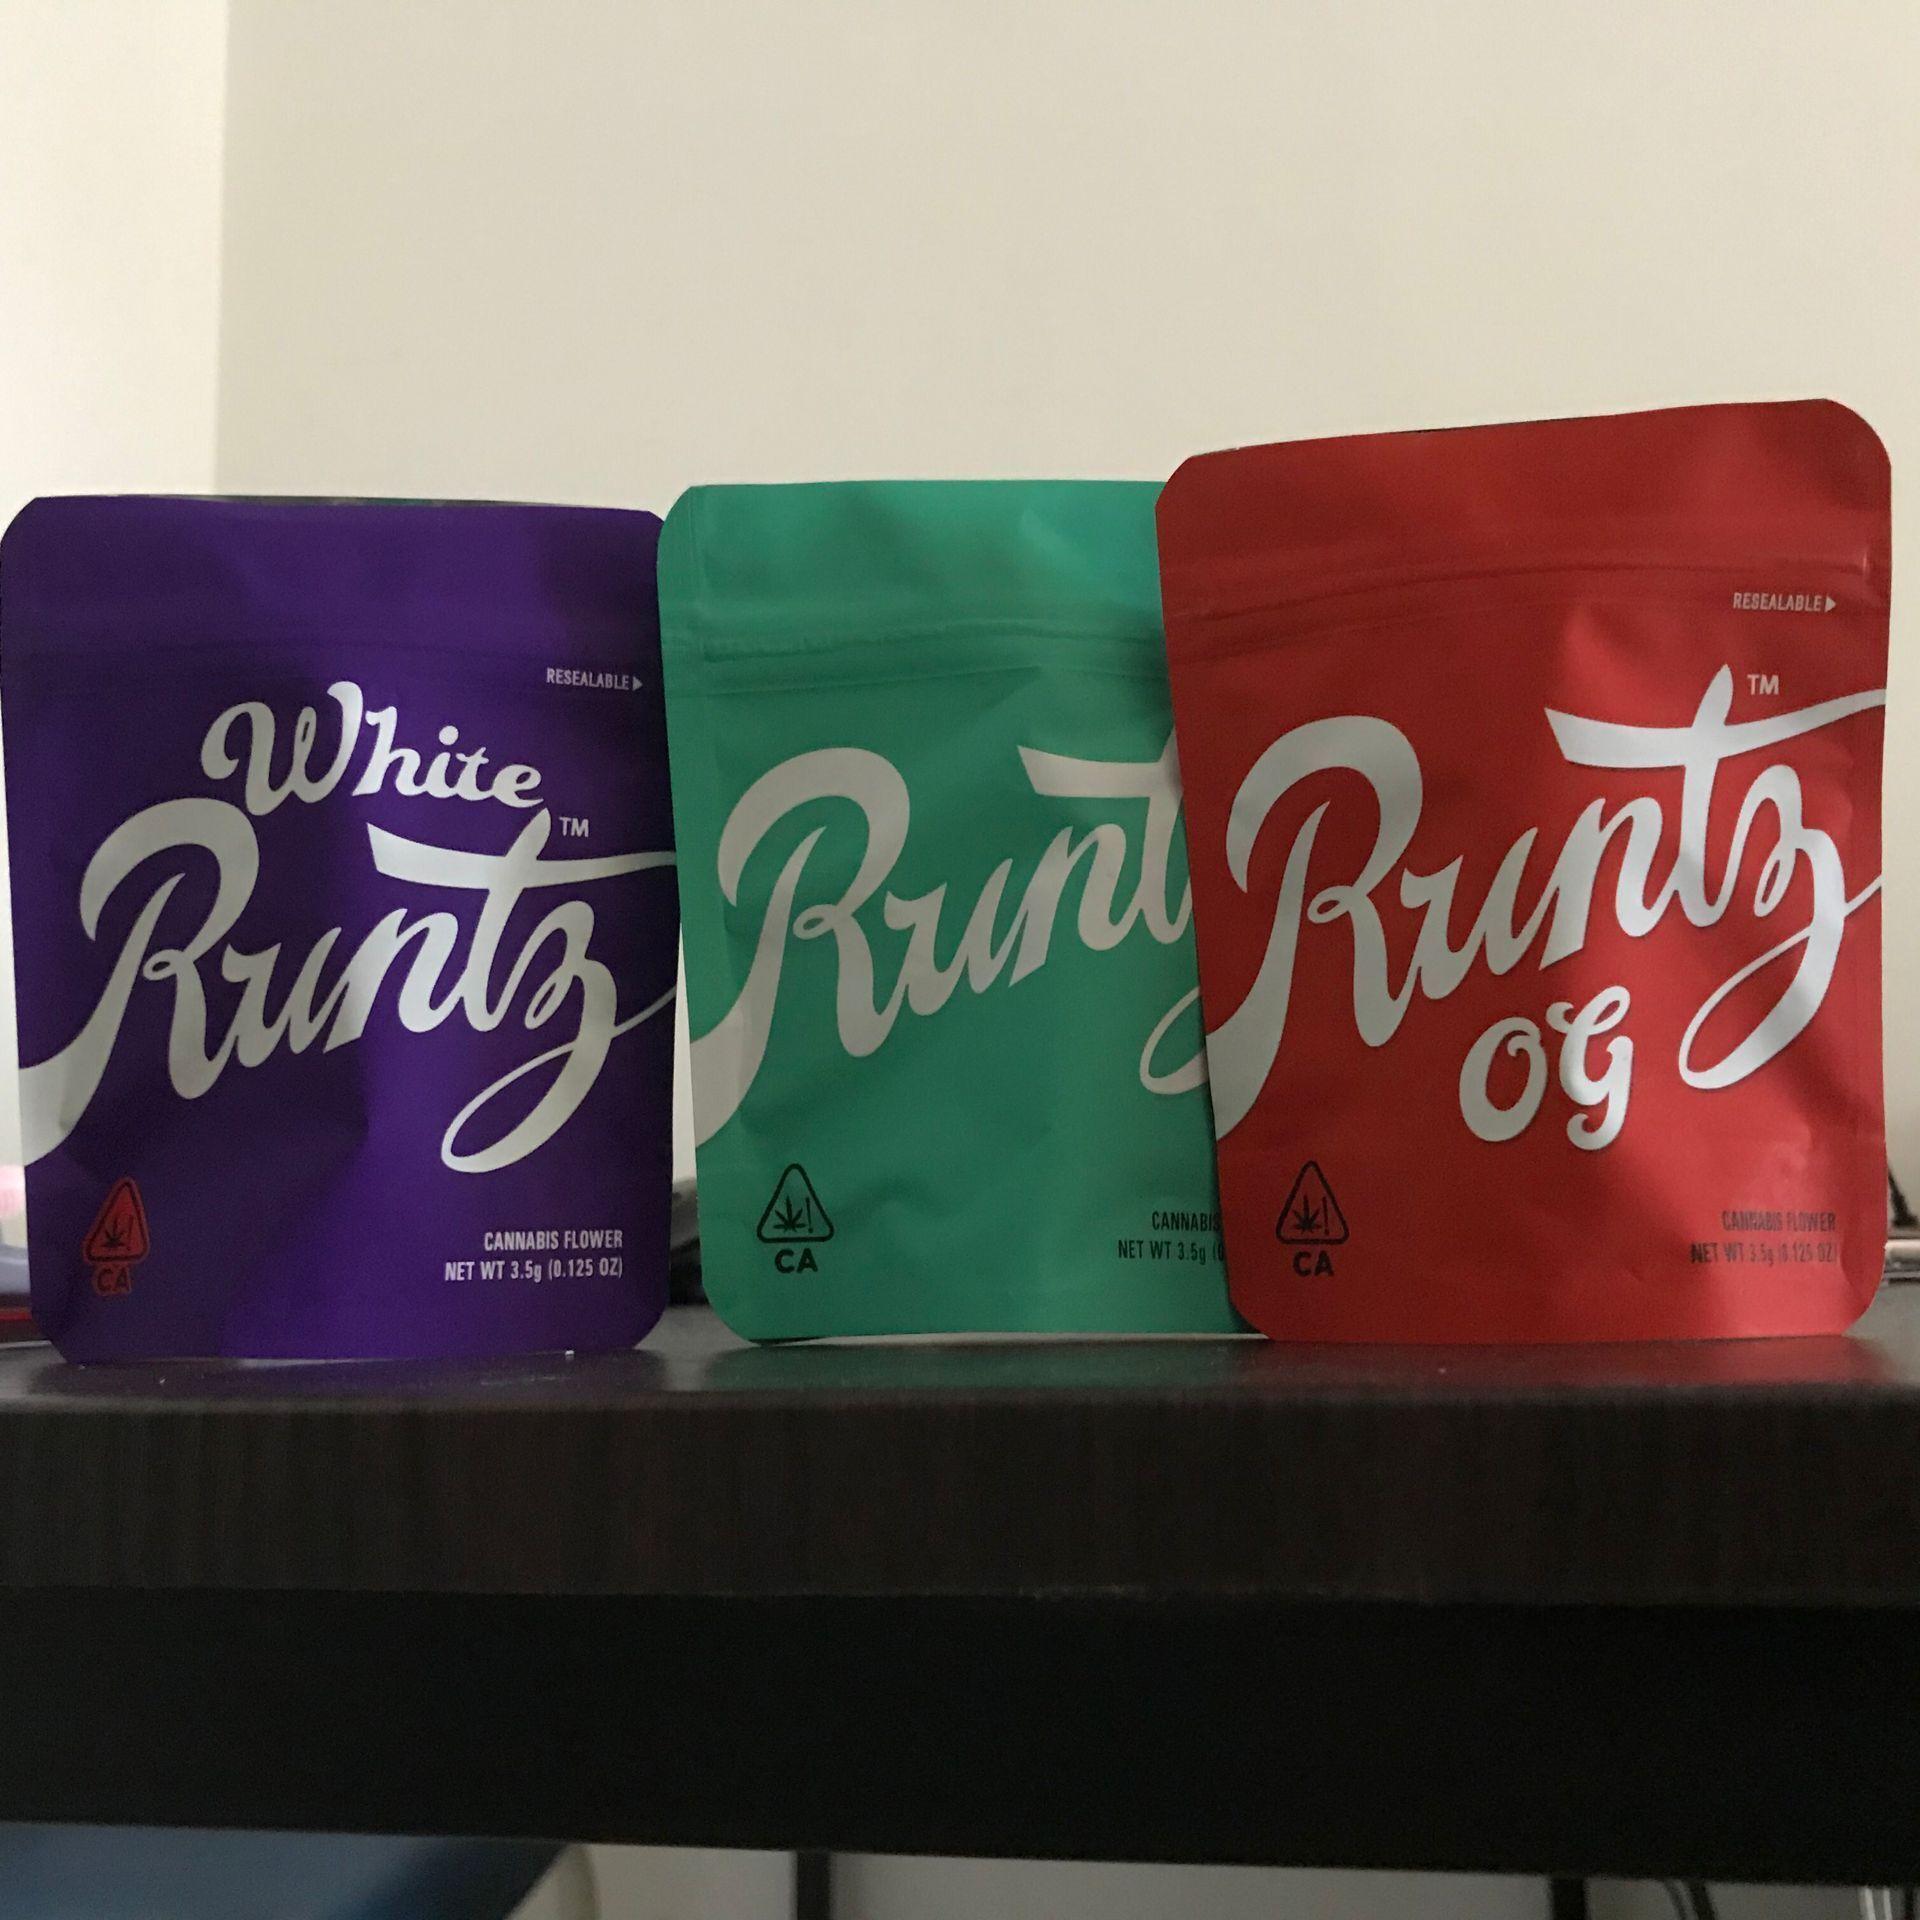 Hot Selling Runtz Bag California SF 3.5g Mylar Zipper Runtz Cookies OG Flower Bag Child Proof